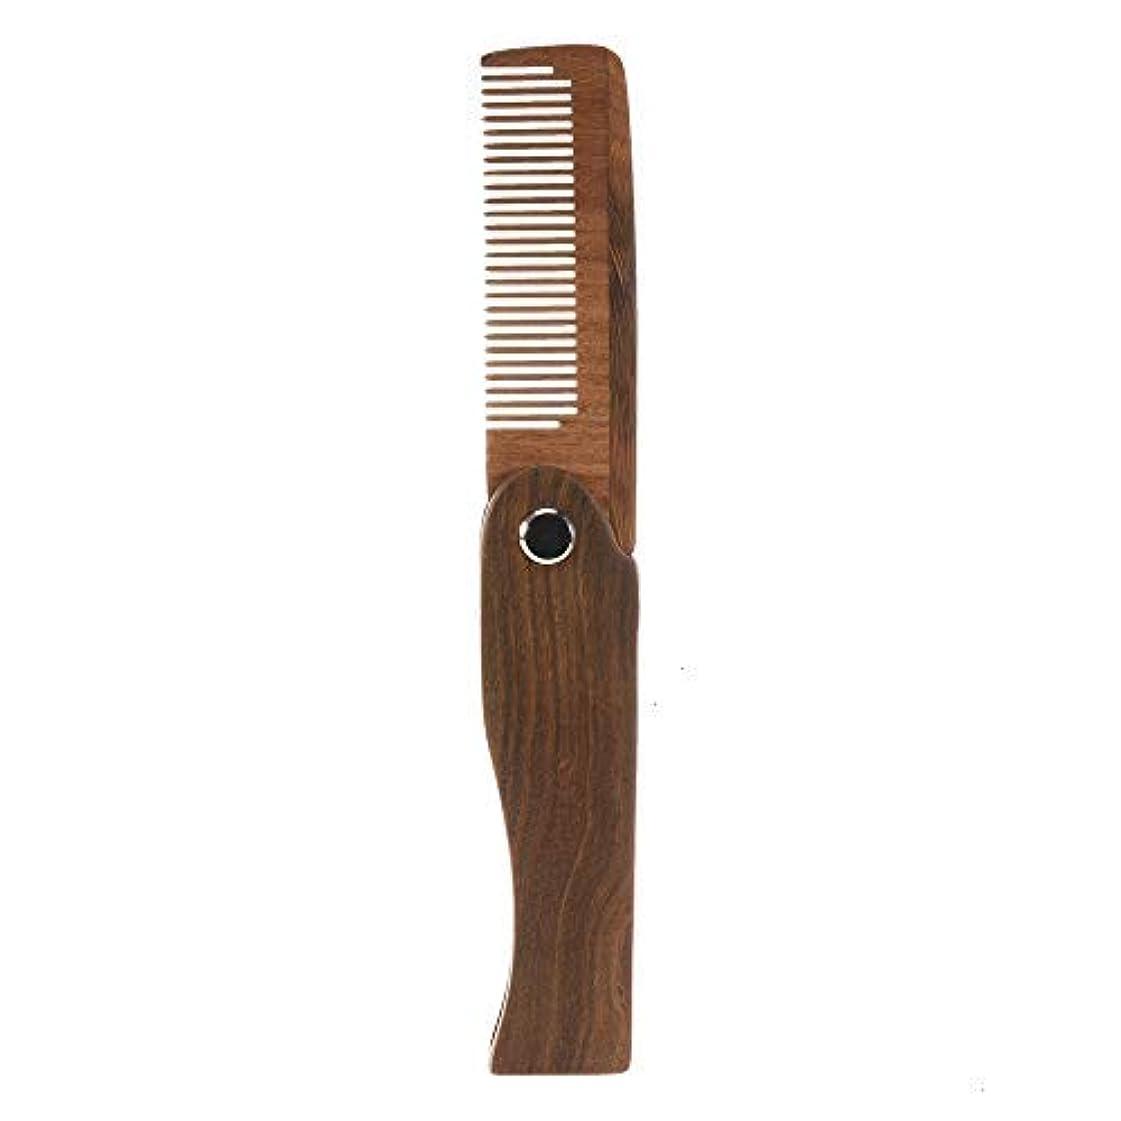 ワイプパラシュートしかしながらFeeko Folding Wooden Comb, 1 PC Pocket Size Hair Beard Fold Wooden Comb Durable Anti-Static Sandalwood Comb Every...